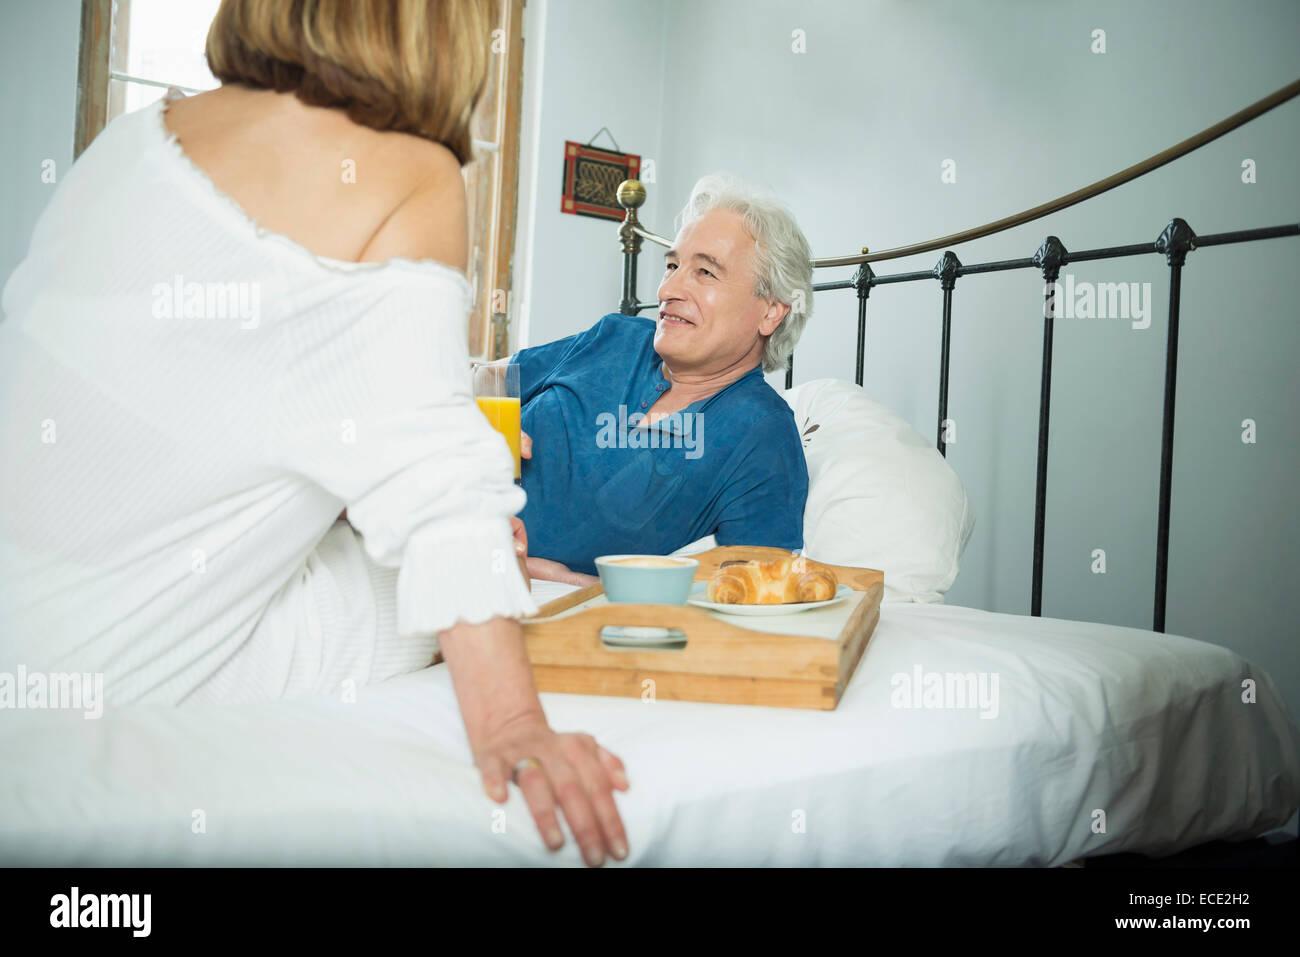 Giovane avente la colazione a letto, sorridente Immagini Stock